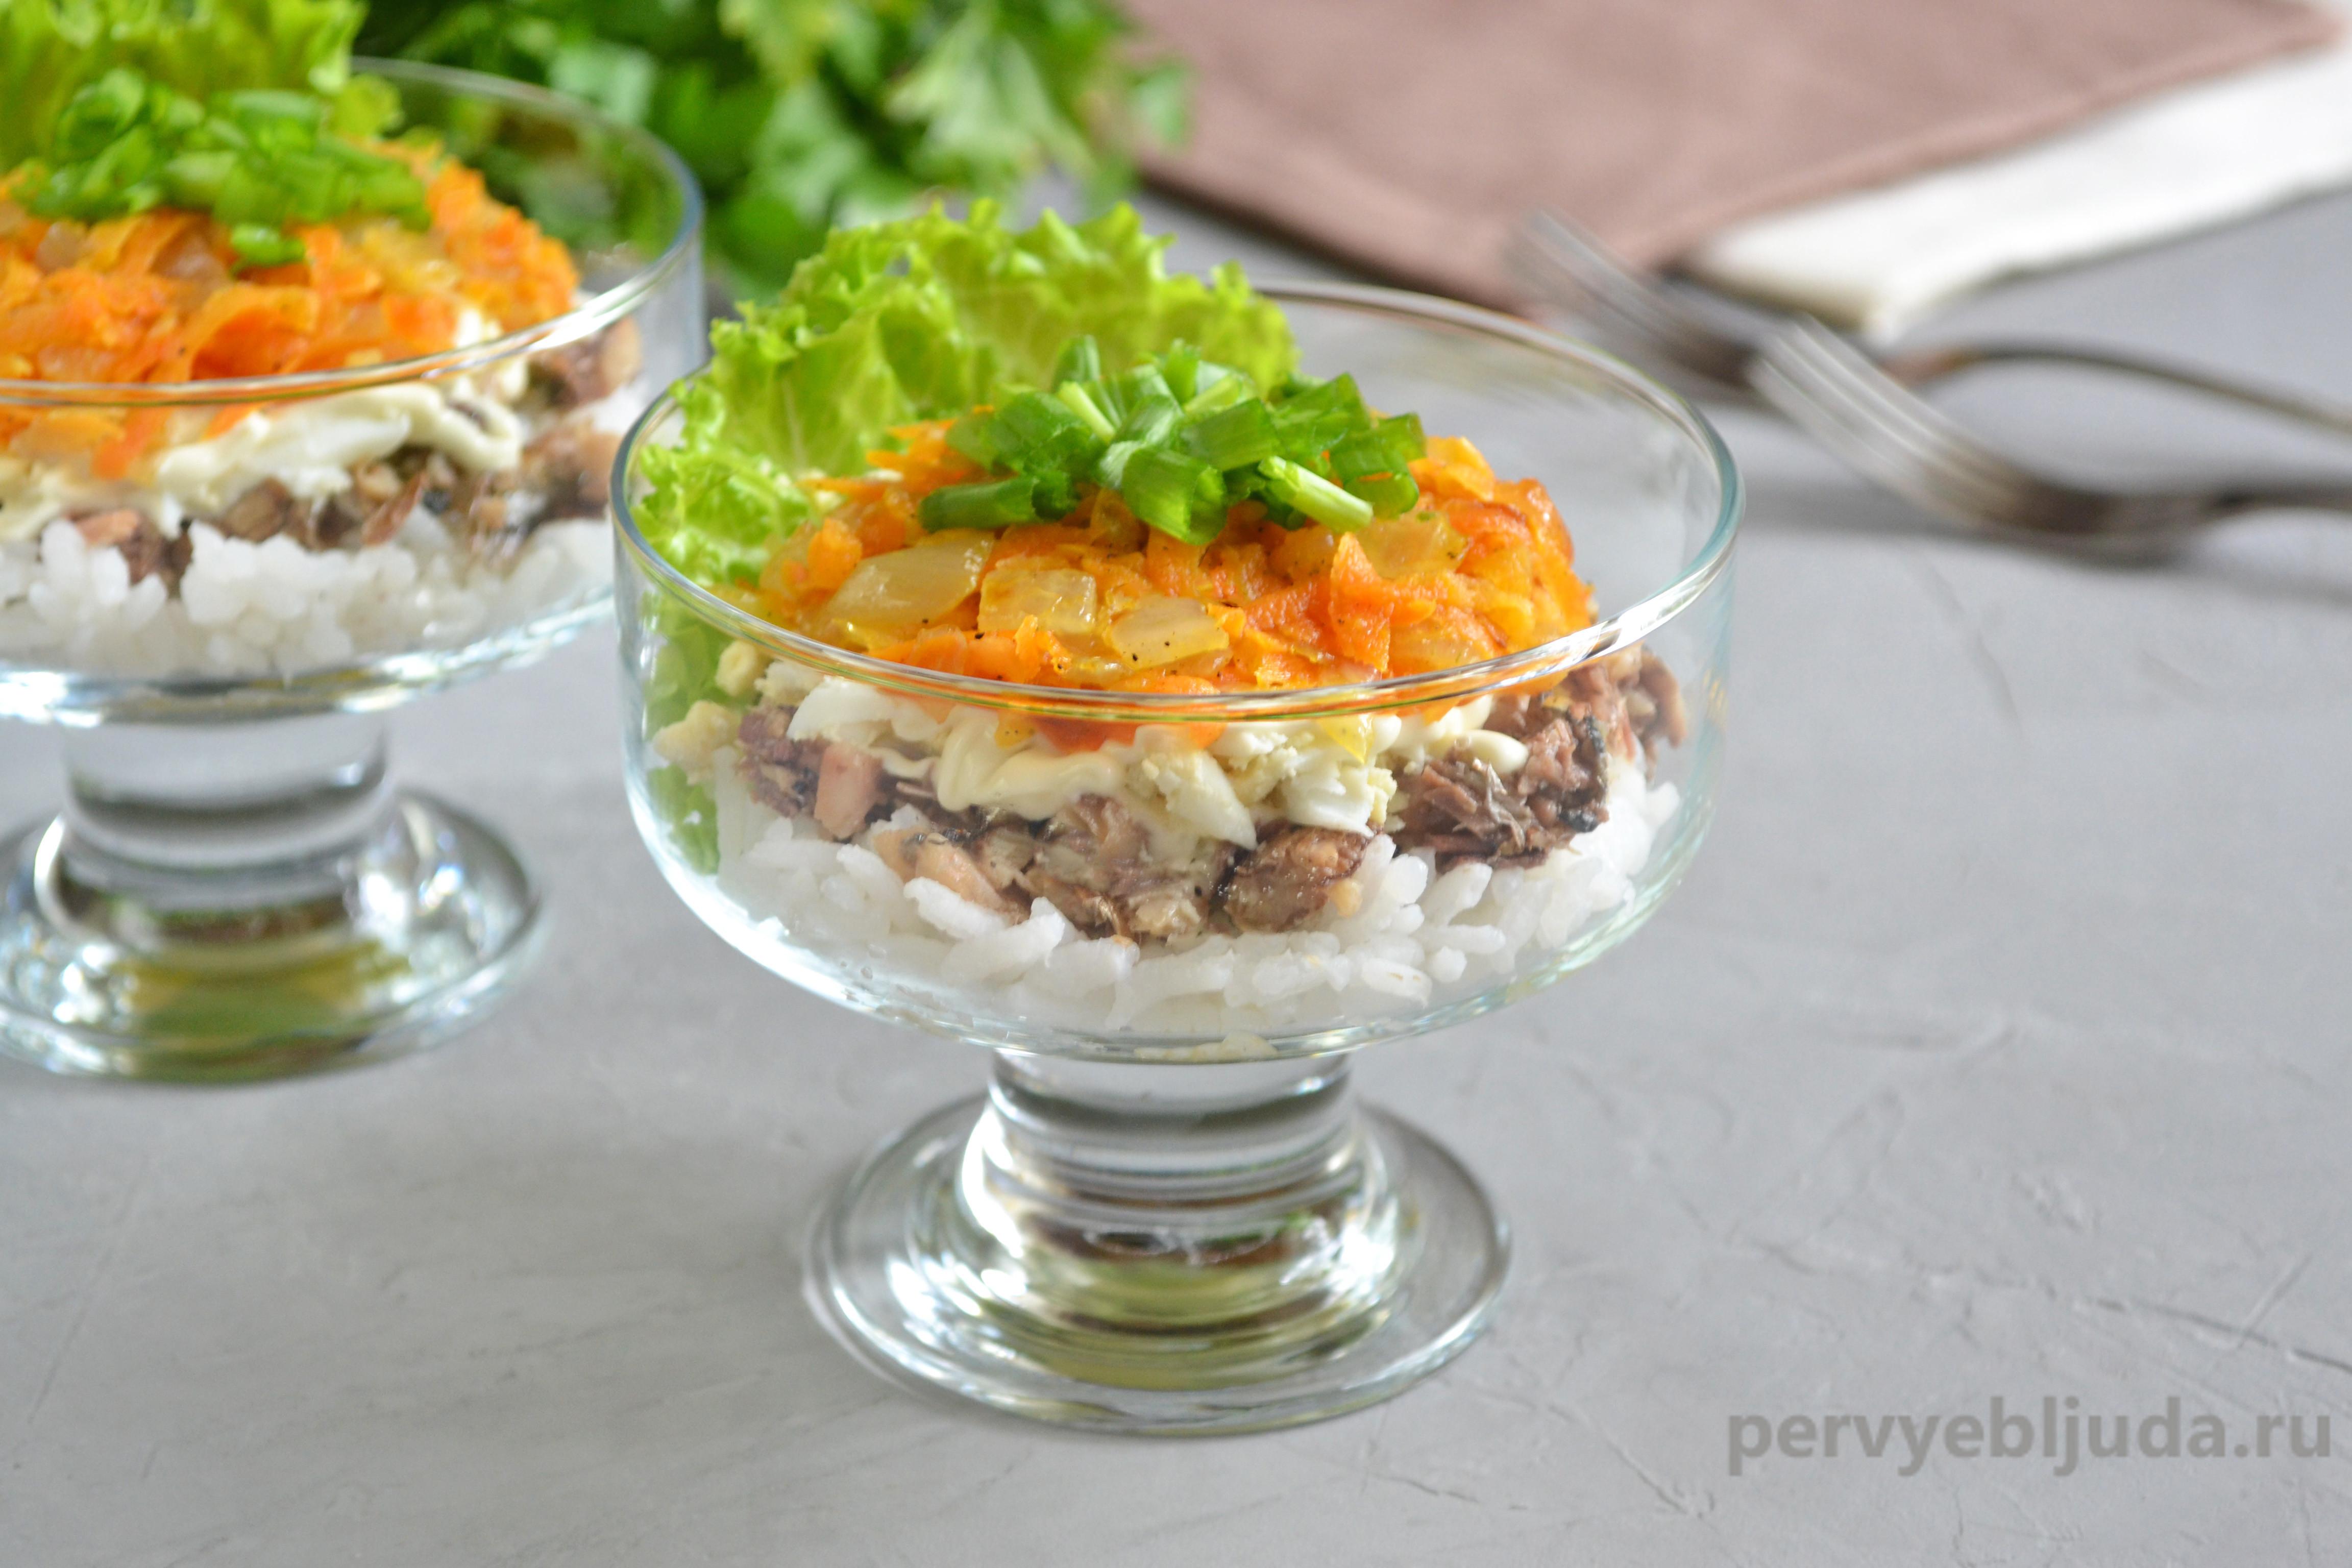 салат со шпротами и рисом